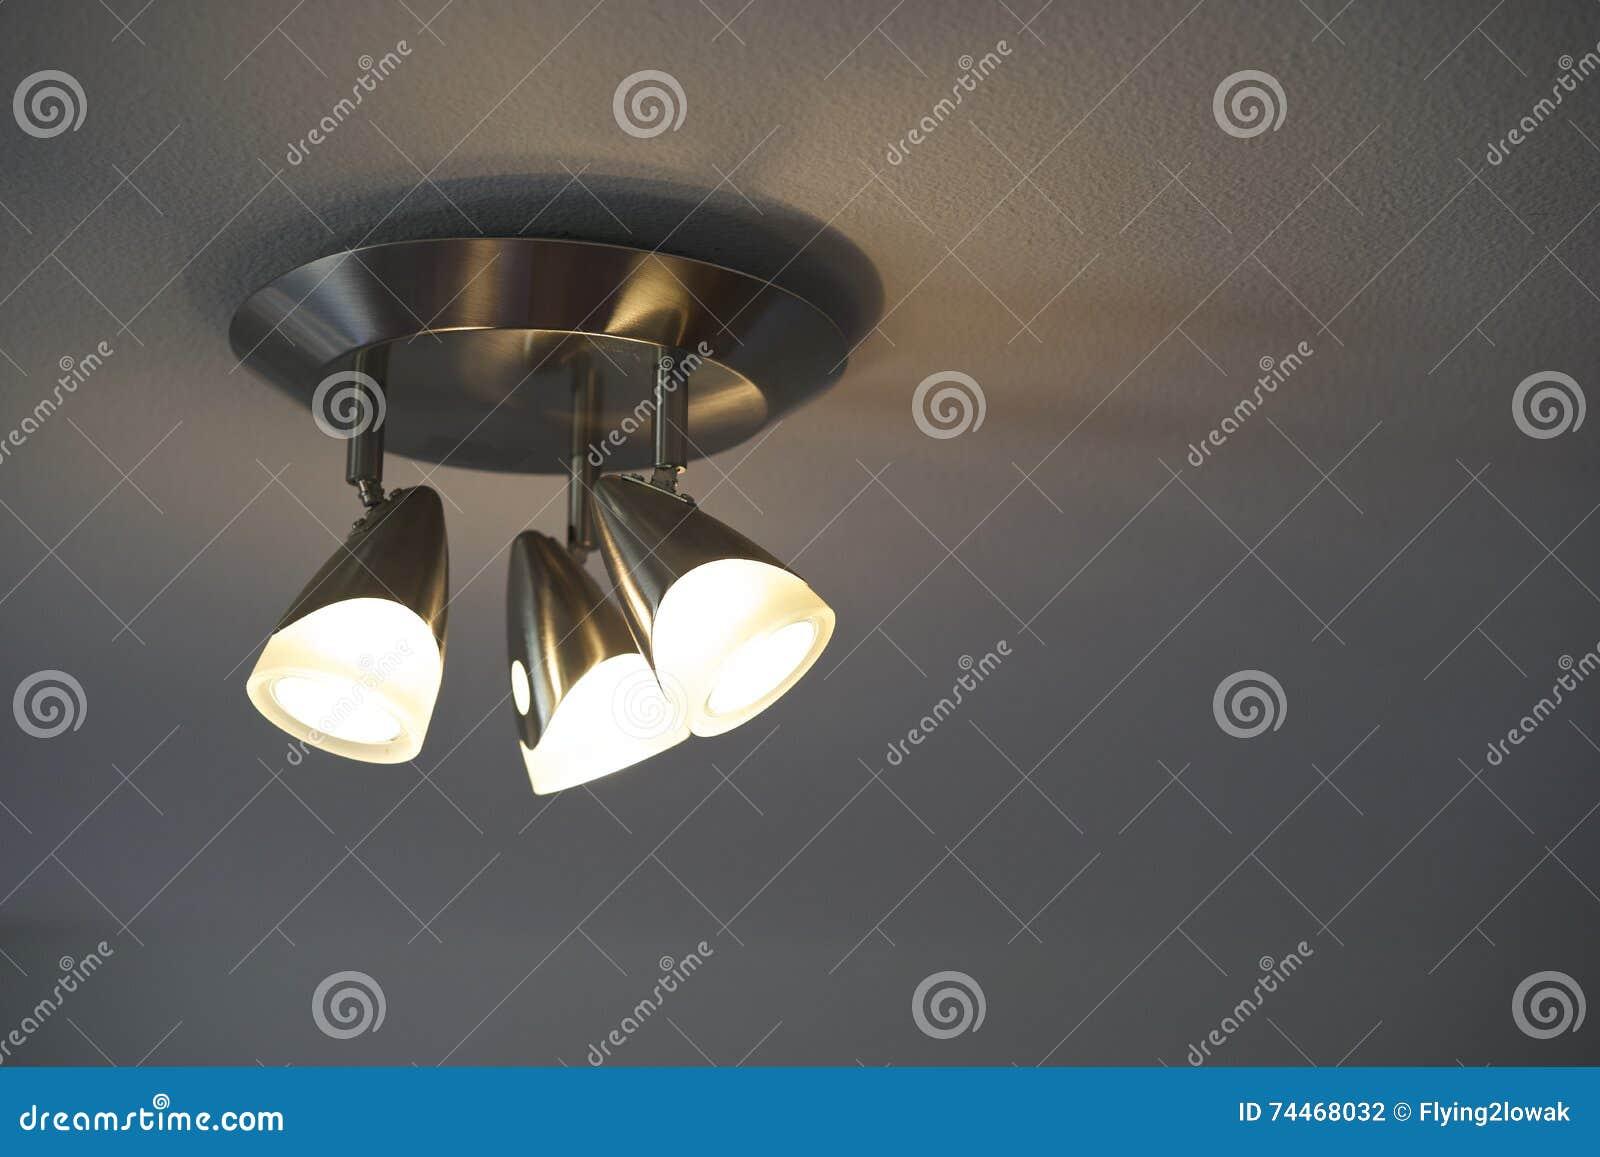 Plafoniere Con Lampadina A Vista : Plafoniera con lampadina a vista happycinzia part pannello